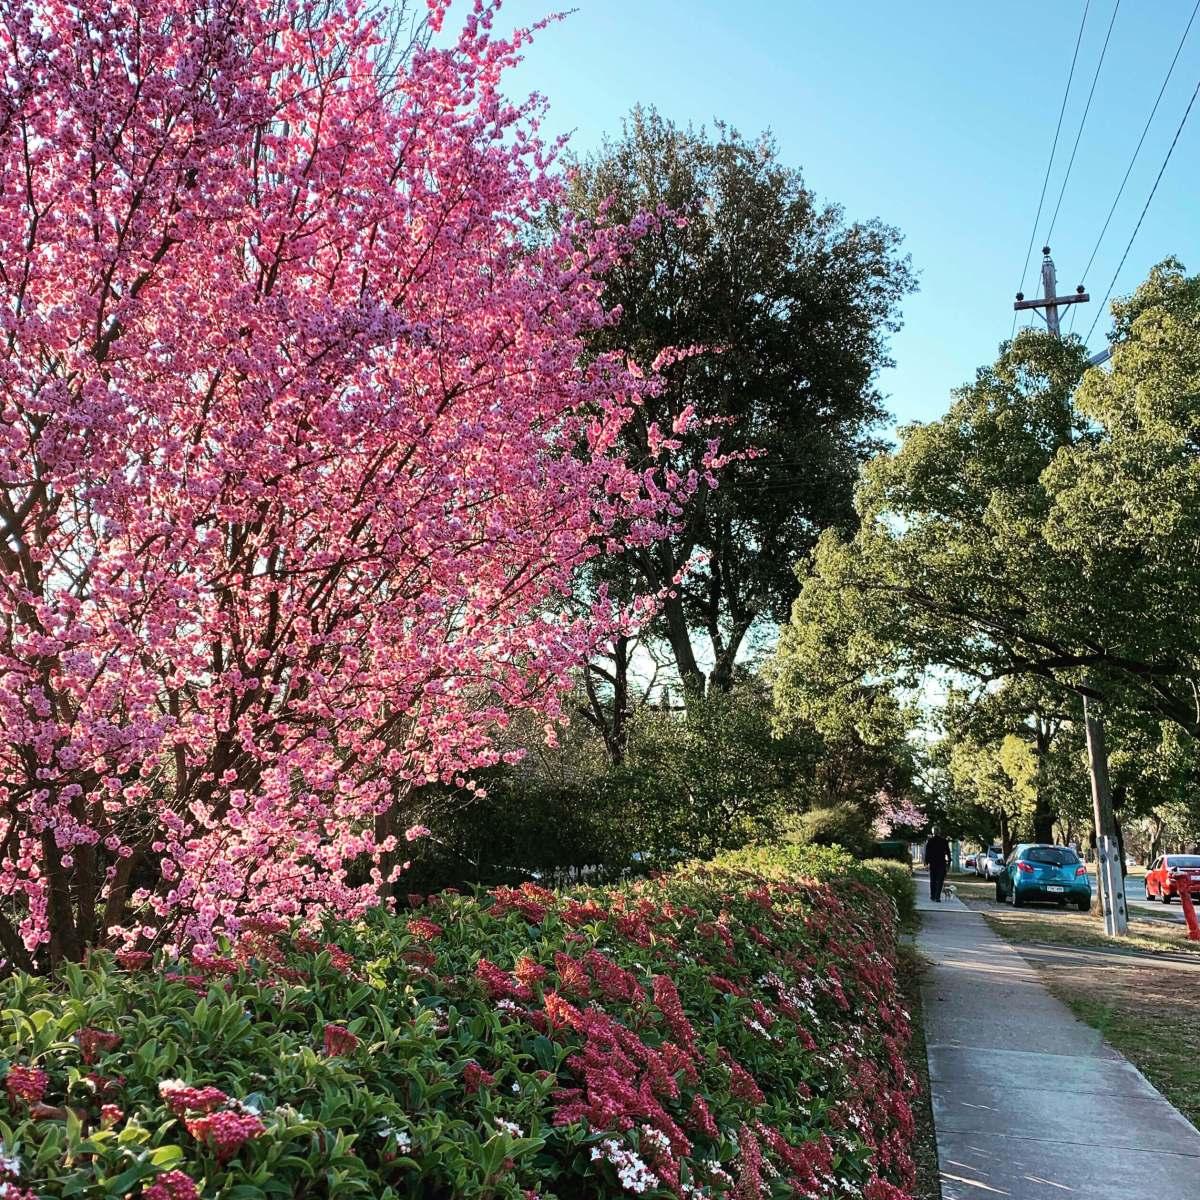 Springtime in Canberra